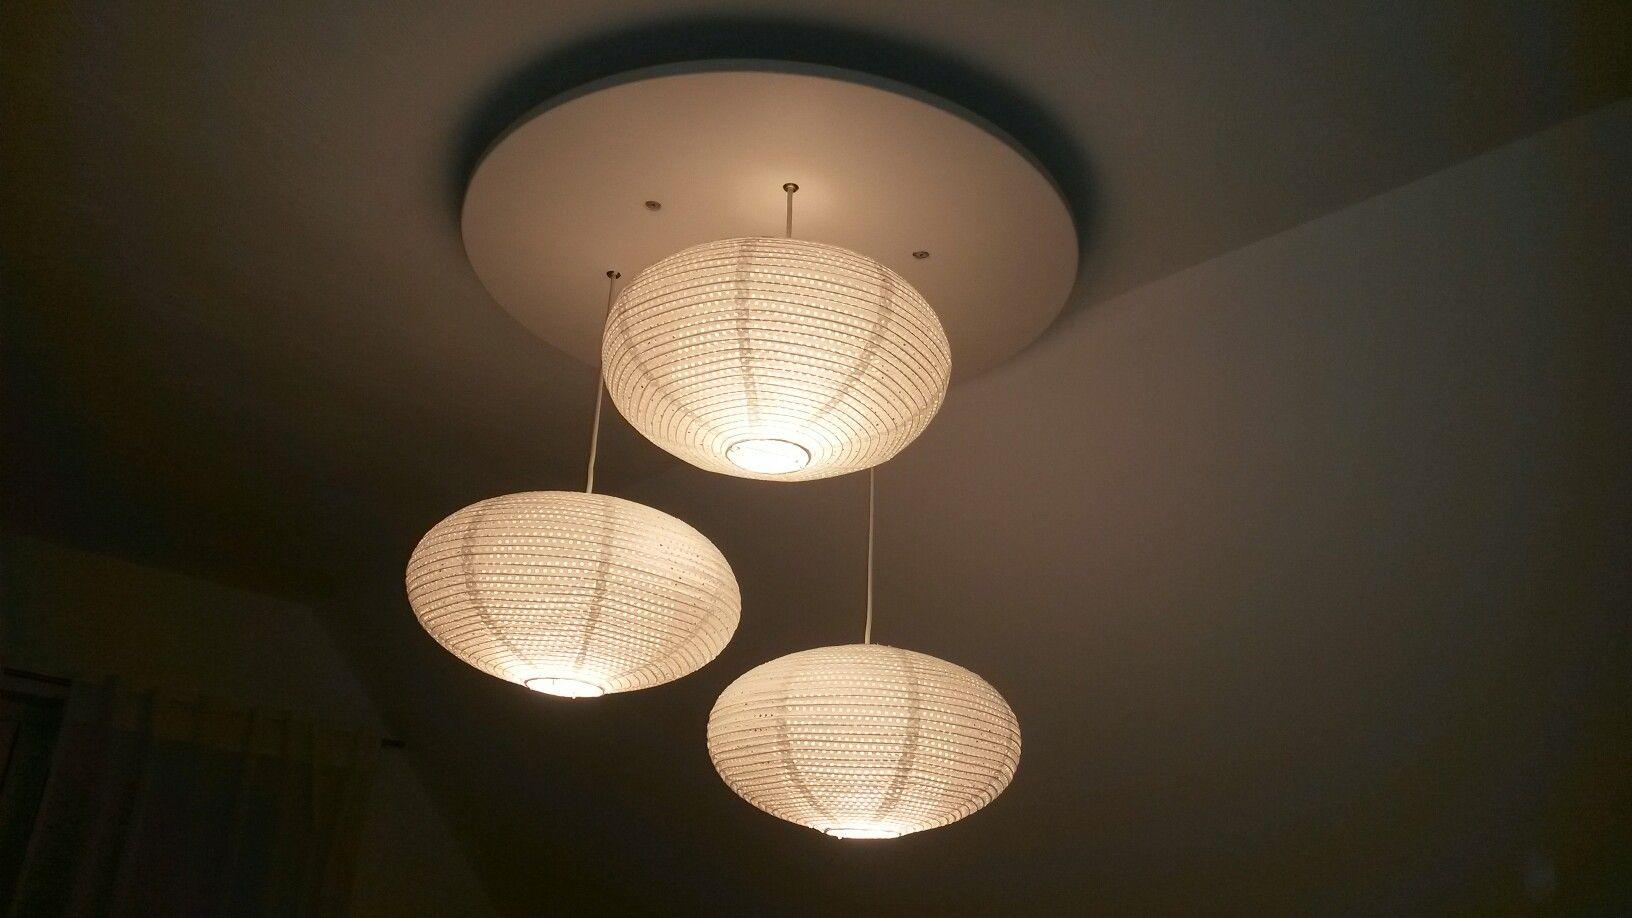 Full Size of Diy Lampe Mit Ikea Solleftea Lampenschirmen Einbauschrank Miniküche Sofa Schlaffunktion Hängelampe Wohnzimmer Küche Kosten Modulküche Betten 160x200 Bei Wohnzimmer Ikea Hängelampe